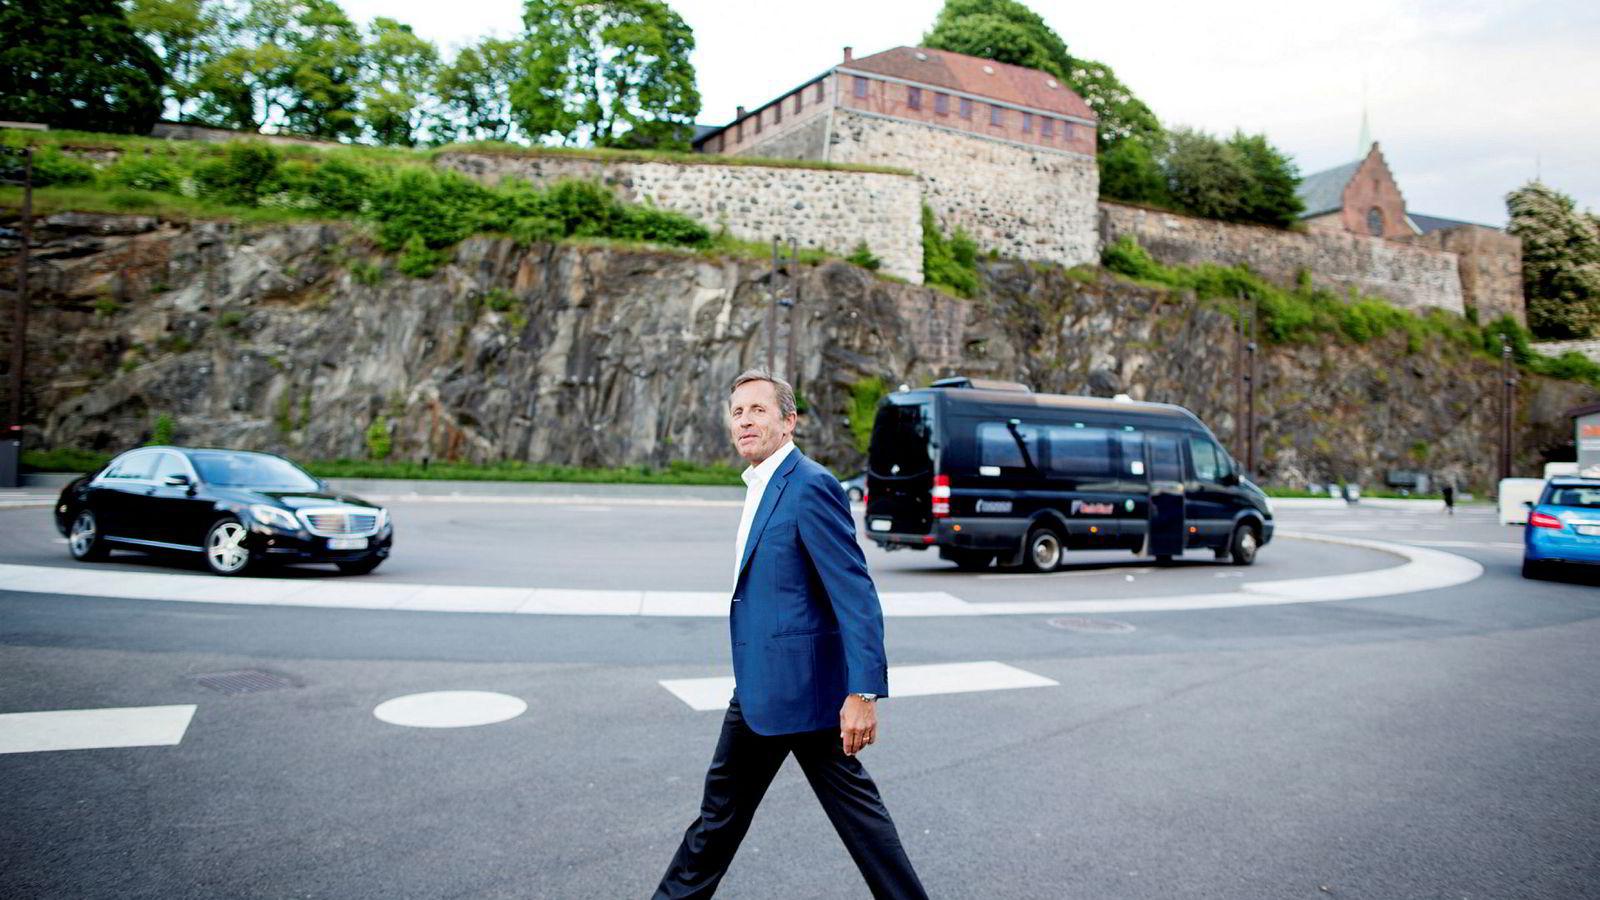 Axxis-hovedeier Arne Blystad, her fotografert nedenfor Akershus festning, Oslo under shippingmessen Nor-Shipping.